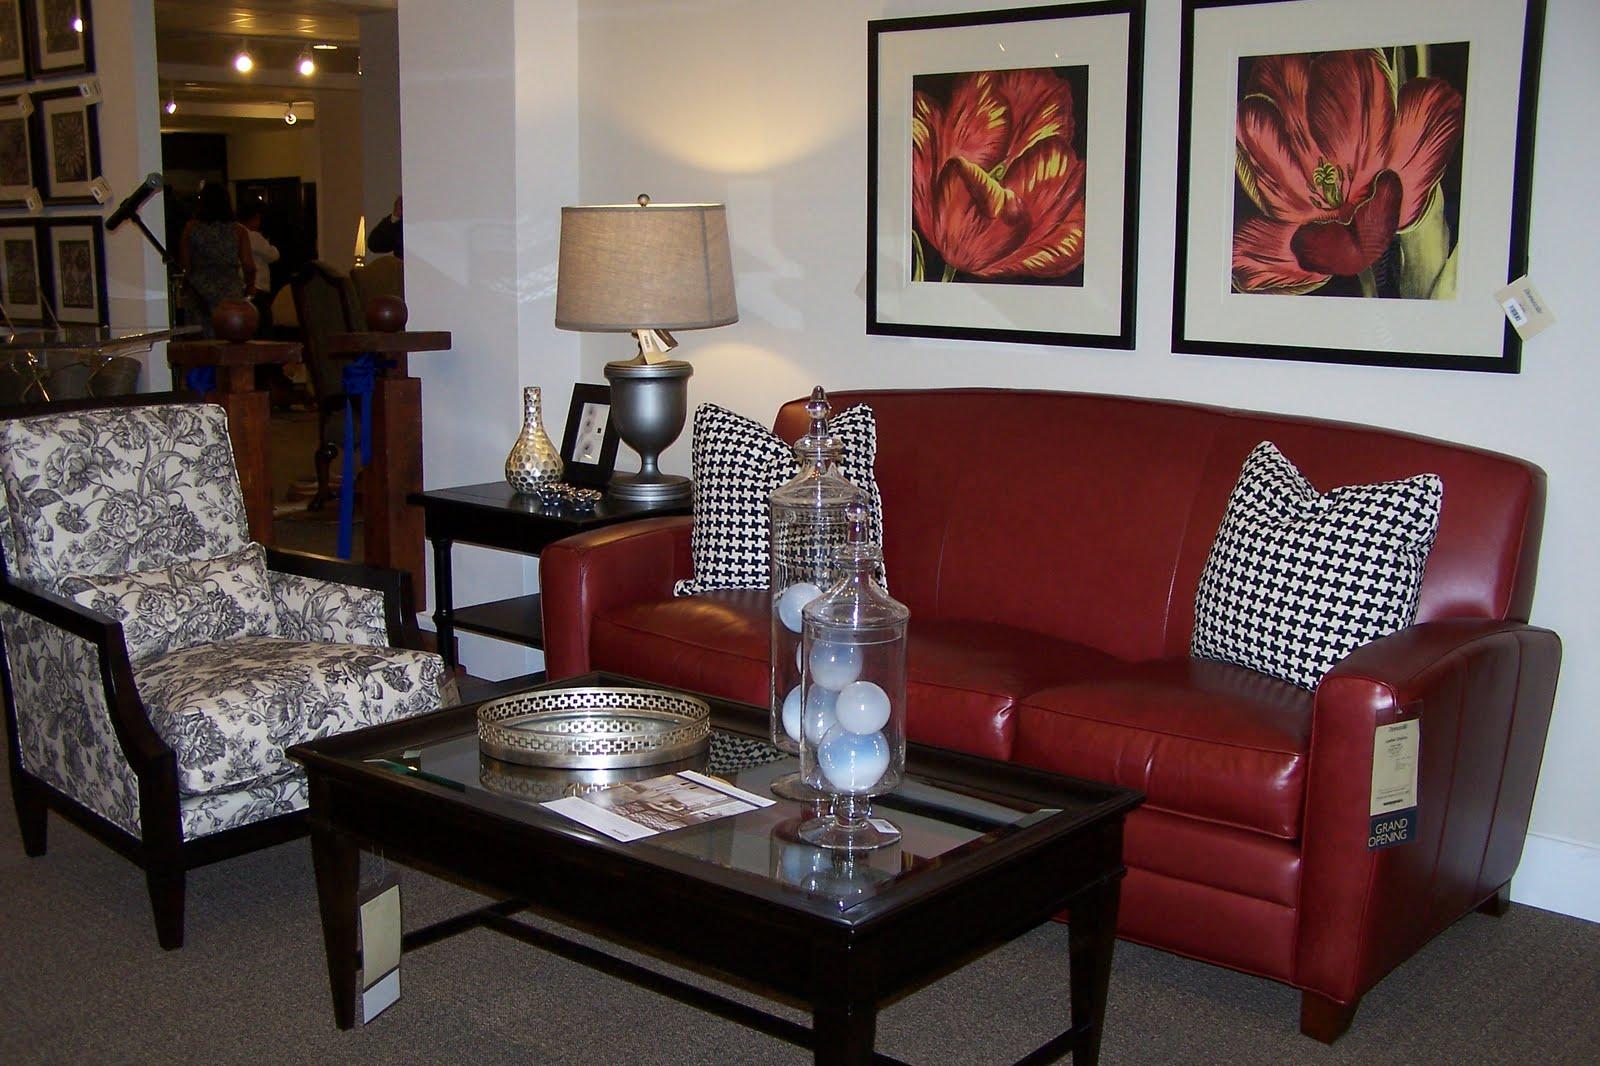 Thomasville viene a imnovar el mercado del mueble en rd for Tu mueble nacional